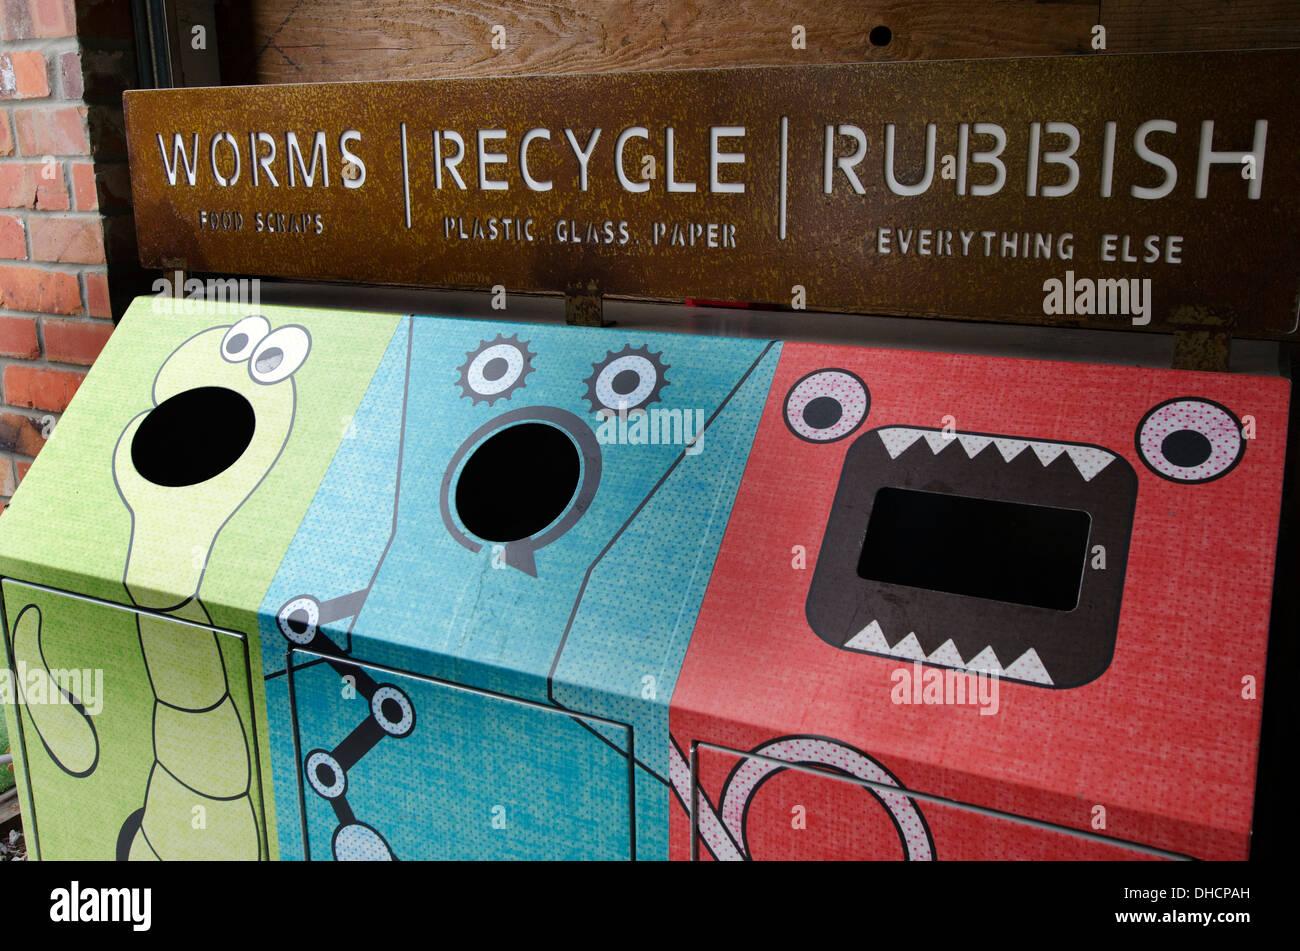 Seaux de recyclage - les vers, recycler les déchets, Photo Stock